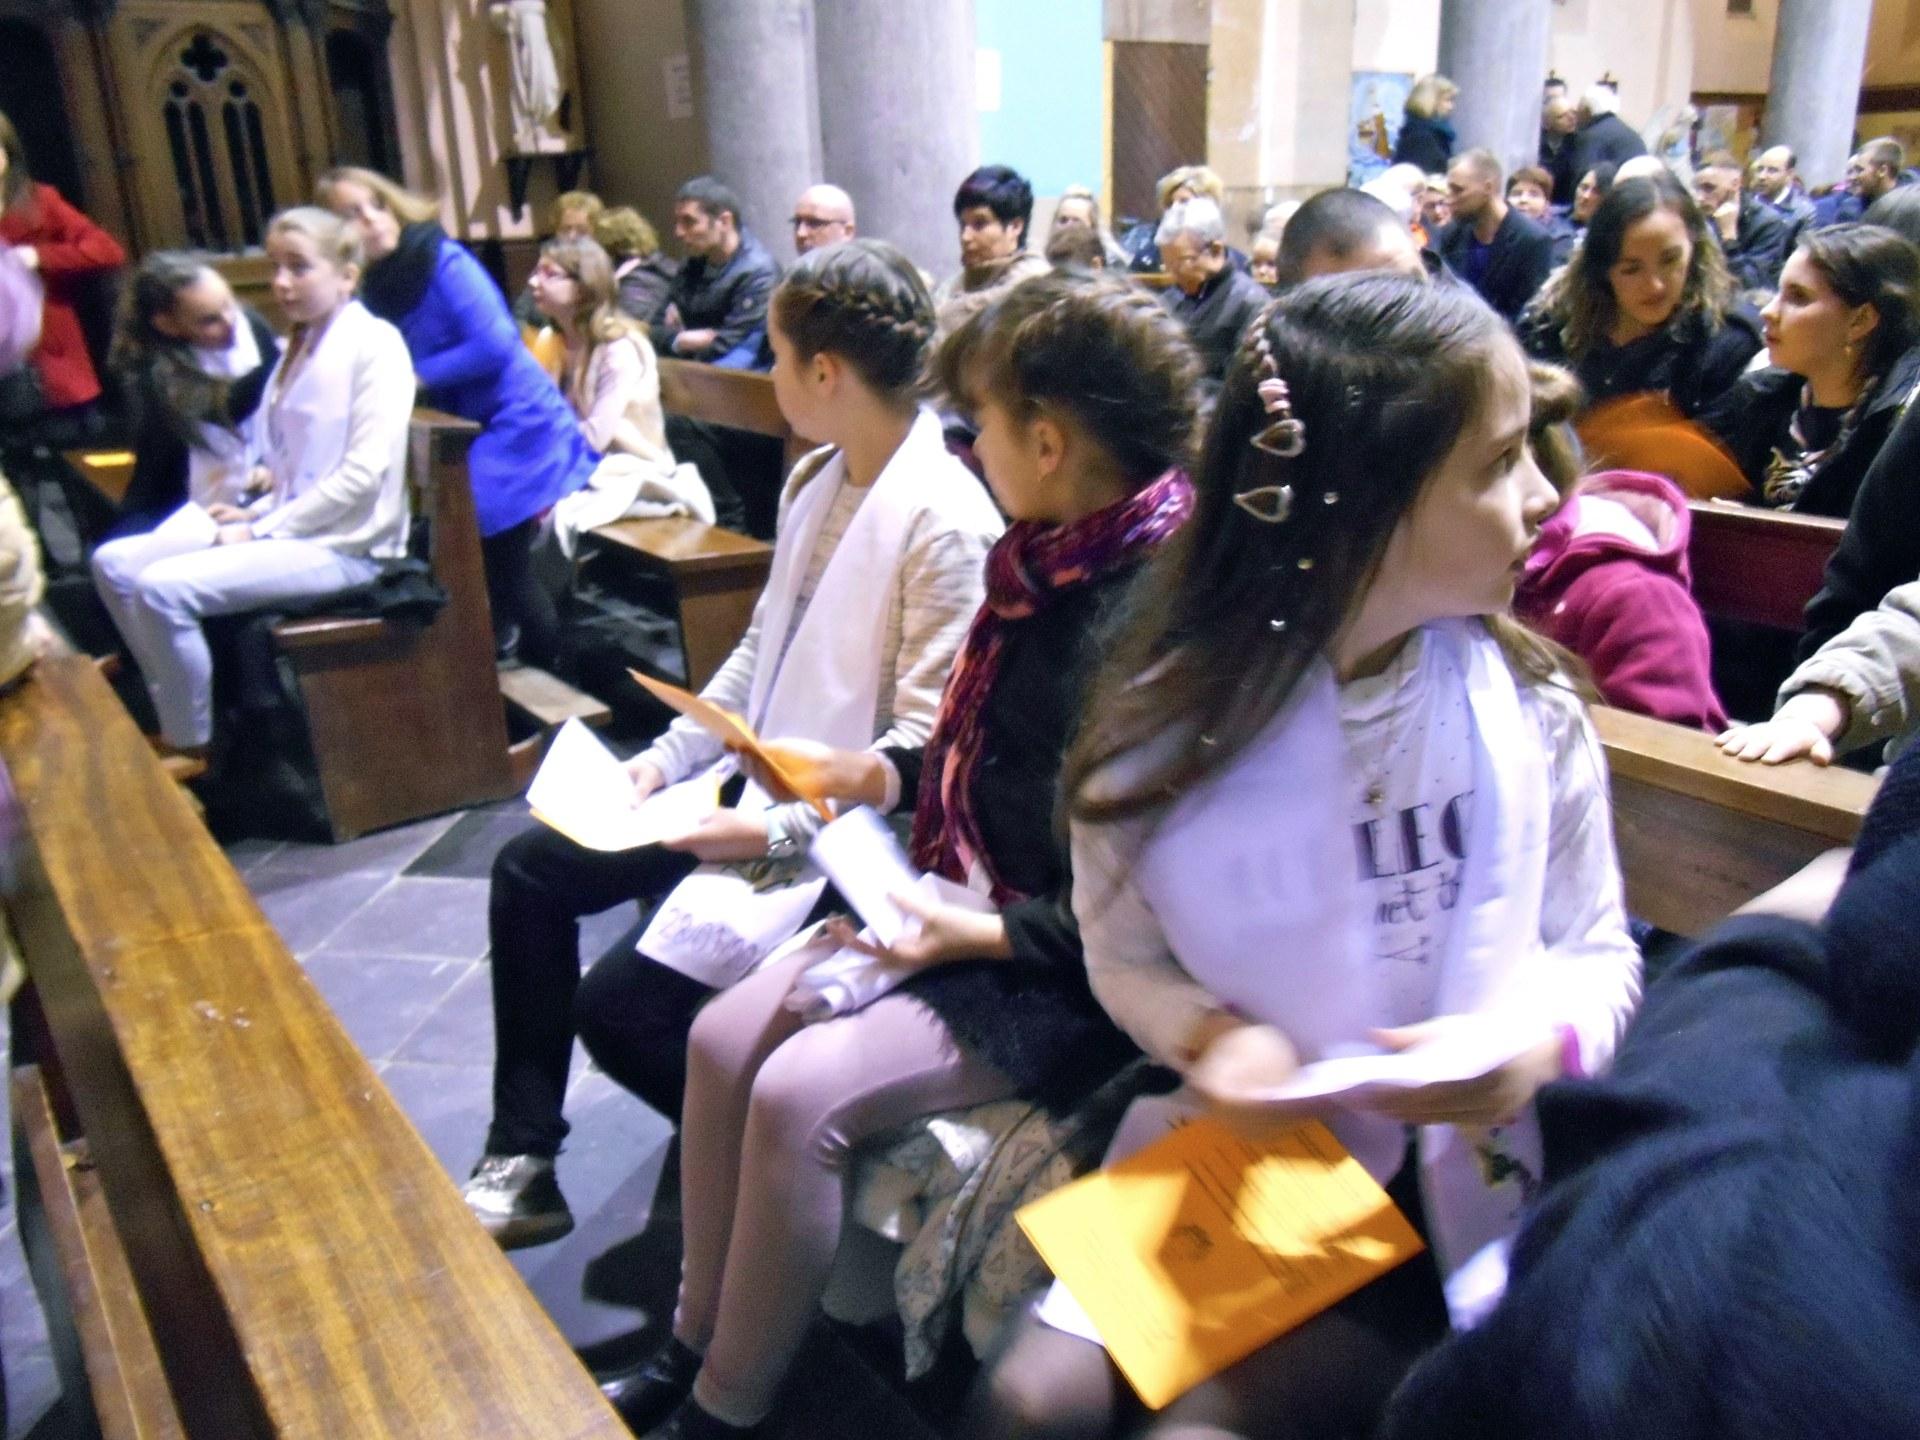 2017-02-04 - Premie#res communions a# Rousies - 05